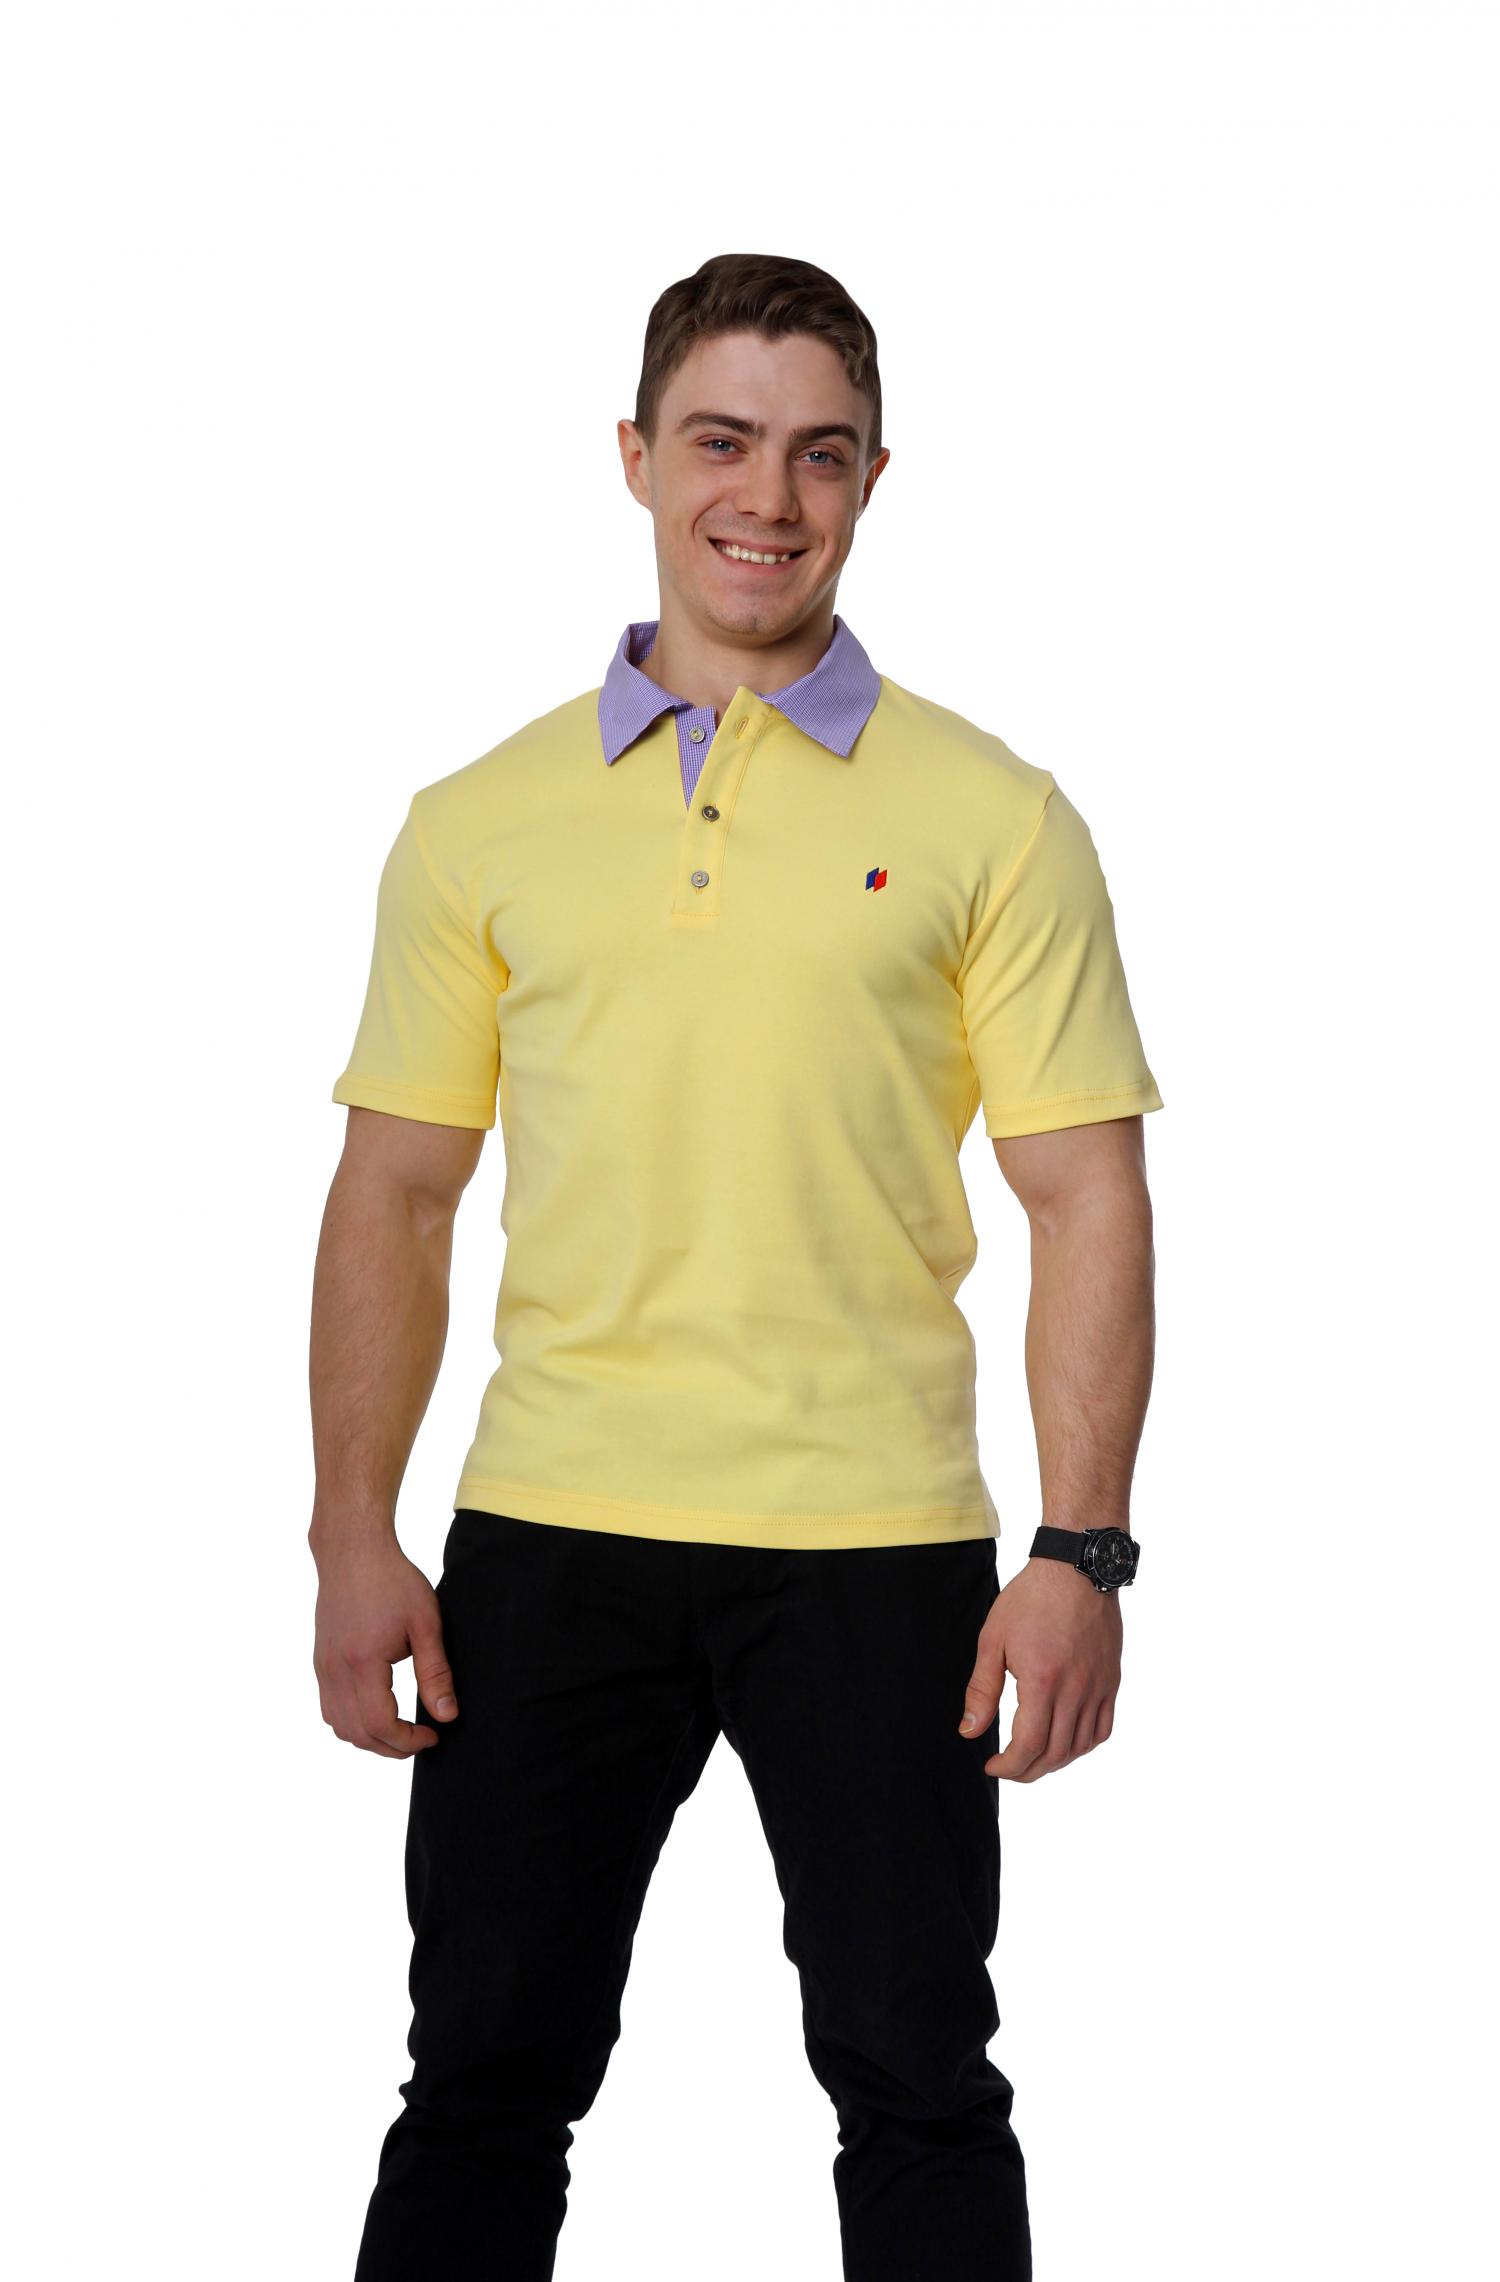 Рубашка-поло с контрастной планкой мужская желтая купить оптом,